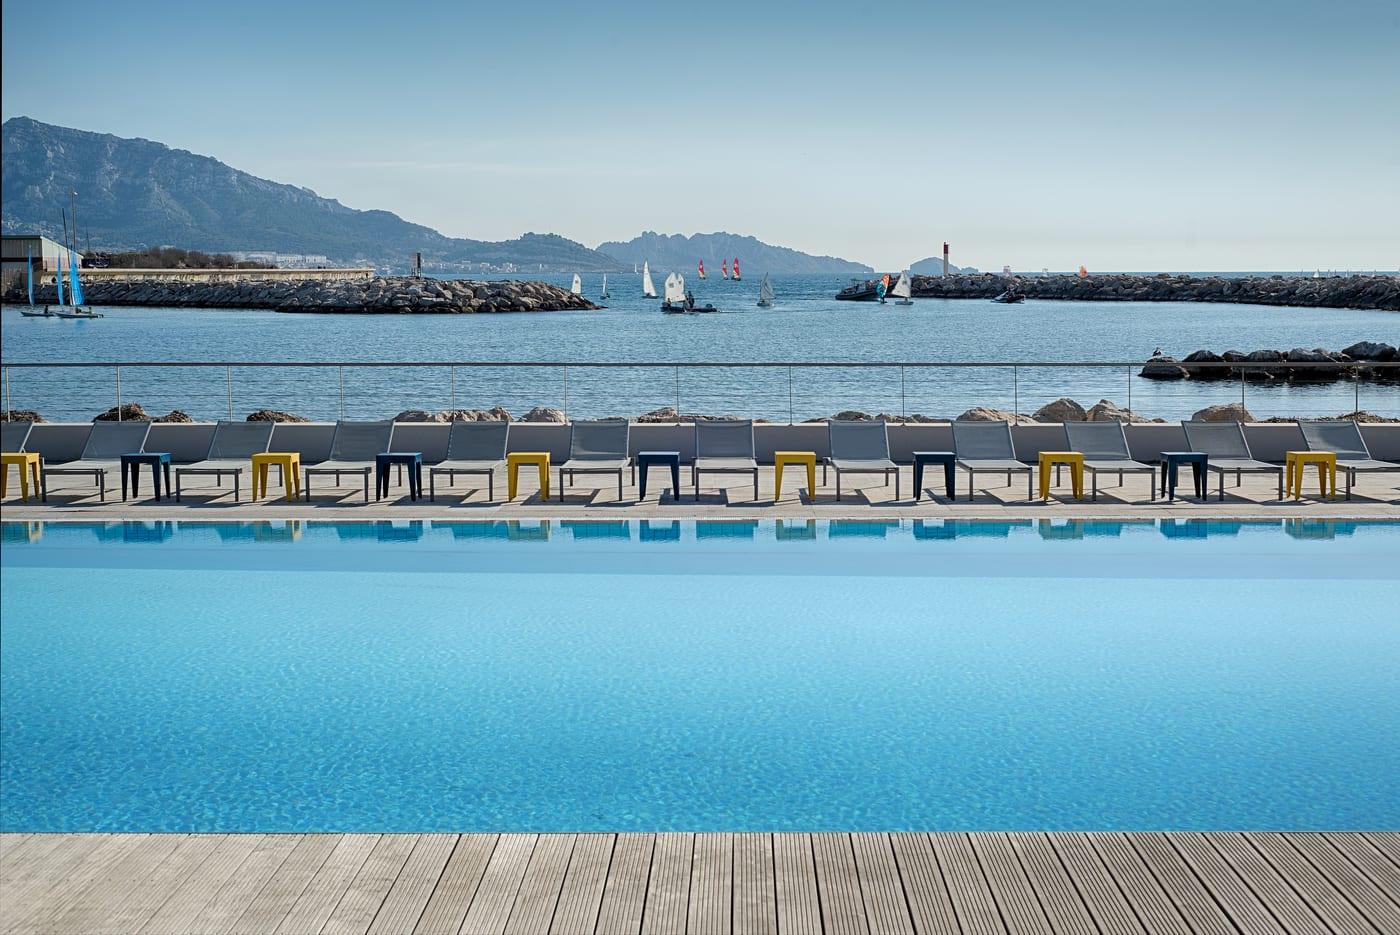 Otel Nhow Marseille, Marsilya - Trivago.tr concernant Piscine St Charles Marseille